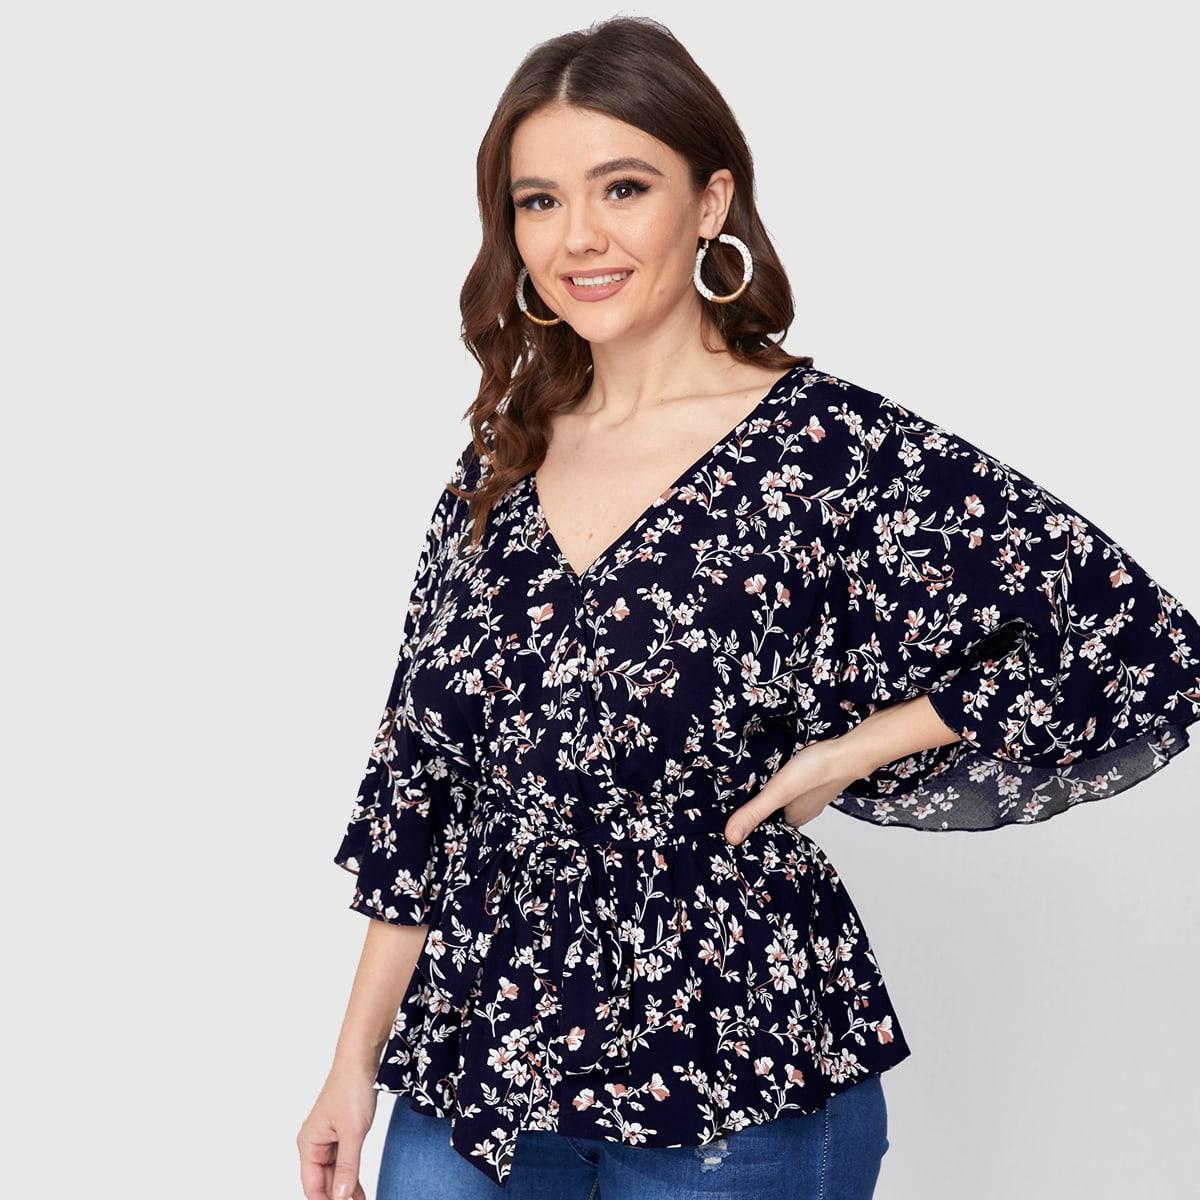 Блузка размера плюс с поясом, v-образным воротником и цветочным принтом